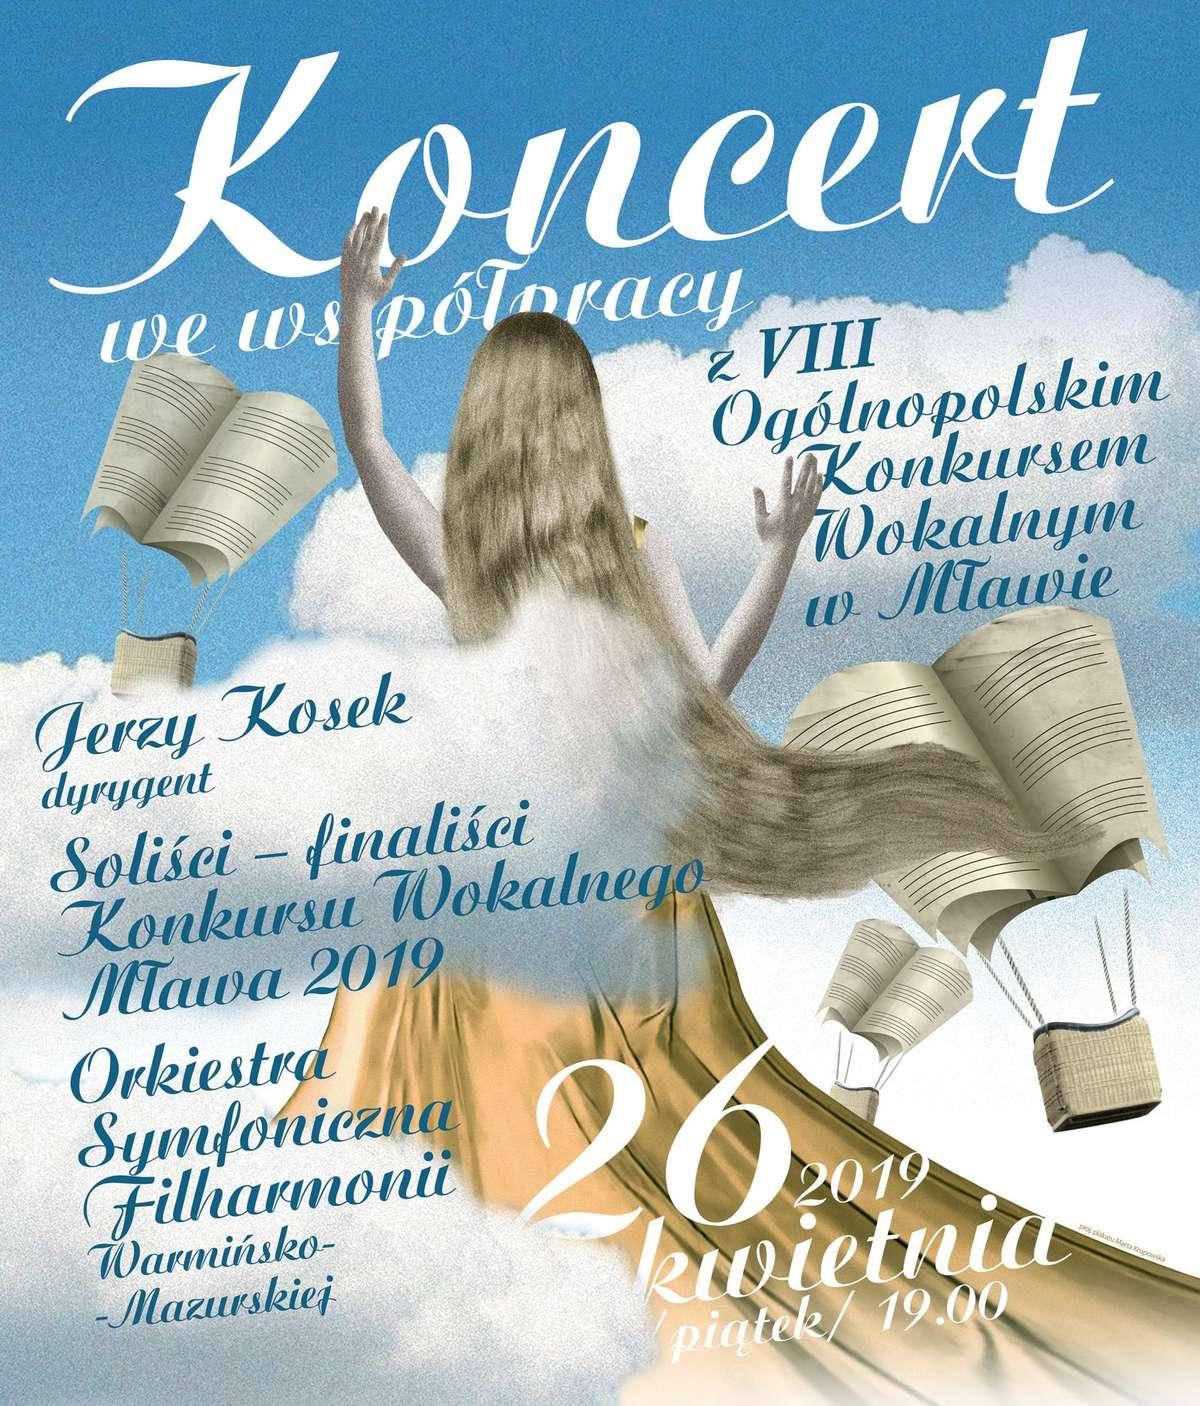 Koncert finalistów i laureatów konkursu im. Zdzisława Skwary - full image